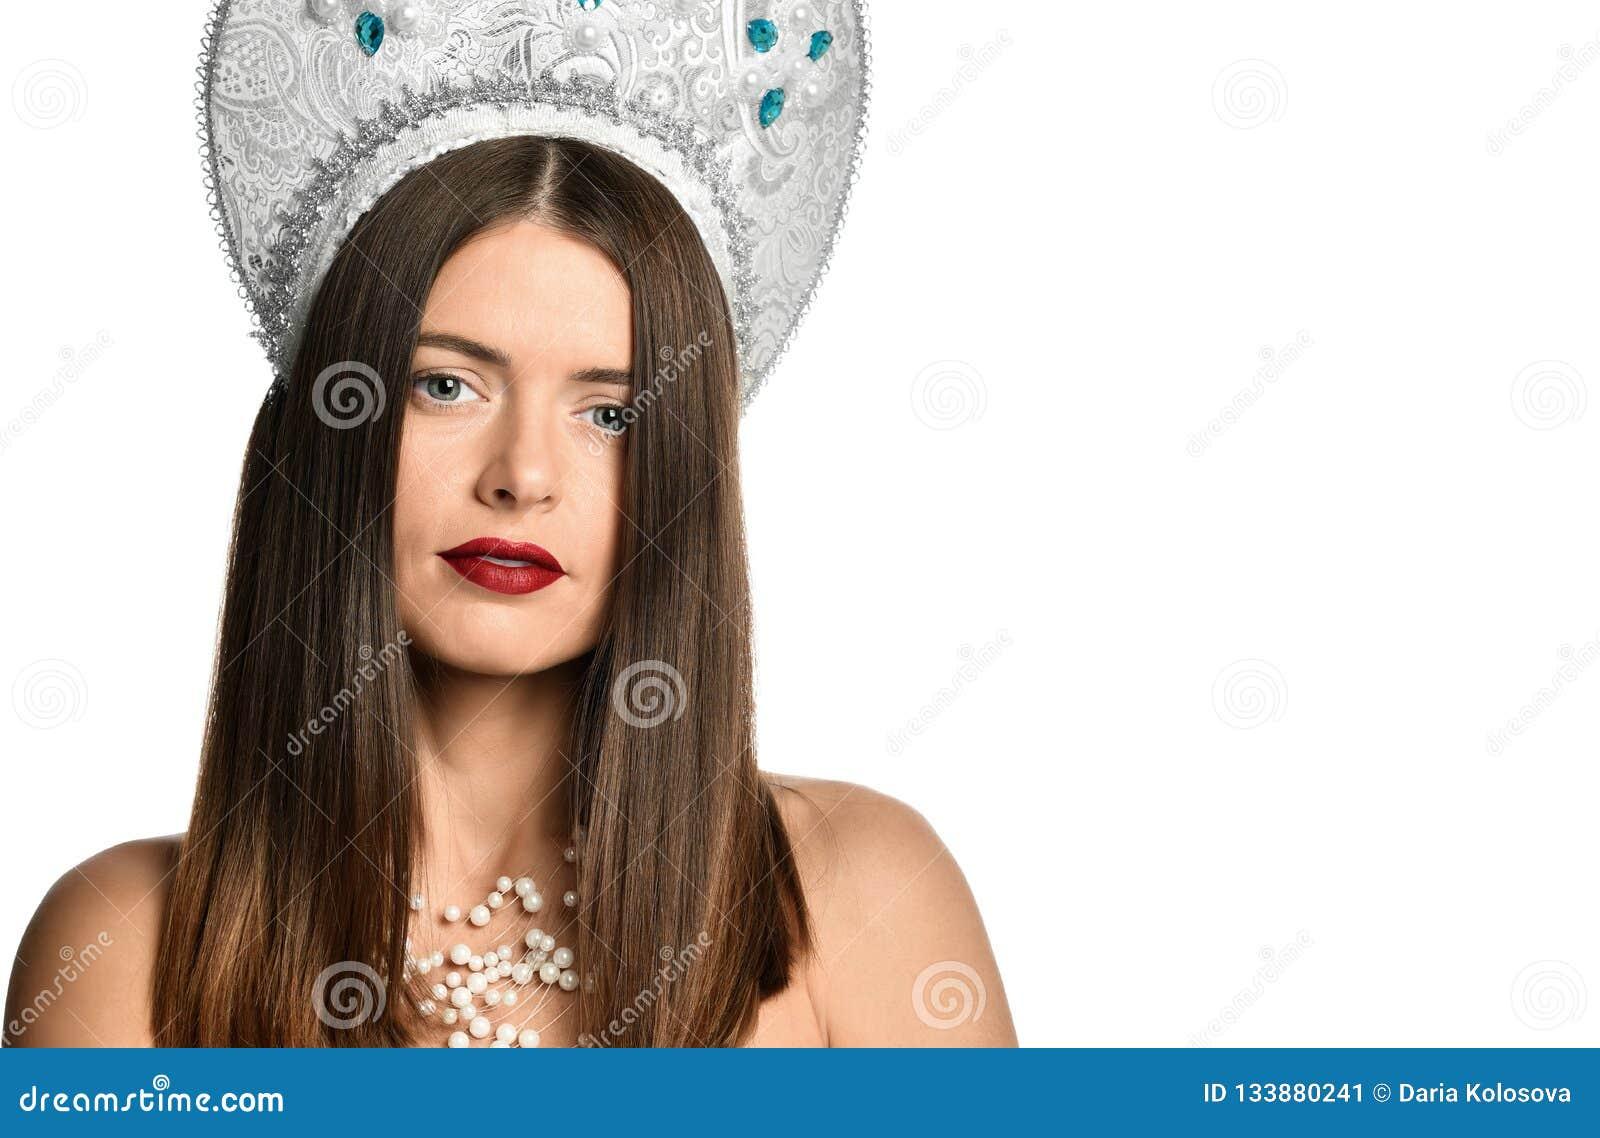 Porträt des Modells des jungen Mädchens in kokoshnik Hut mit natürlichem Make-up und langen Schlagdem haar lokalisiert Betrachten